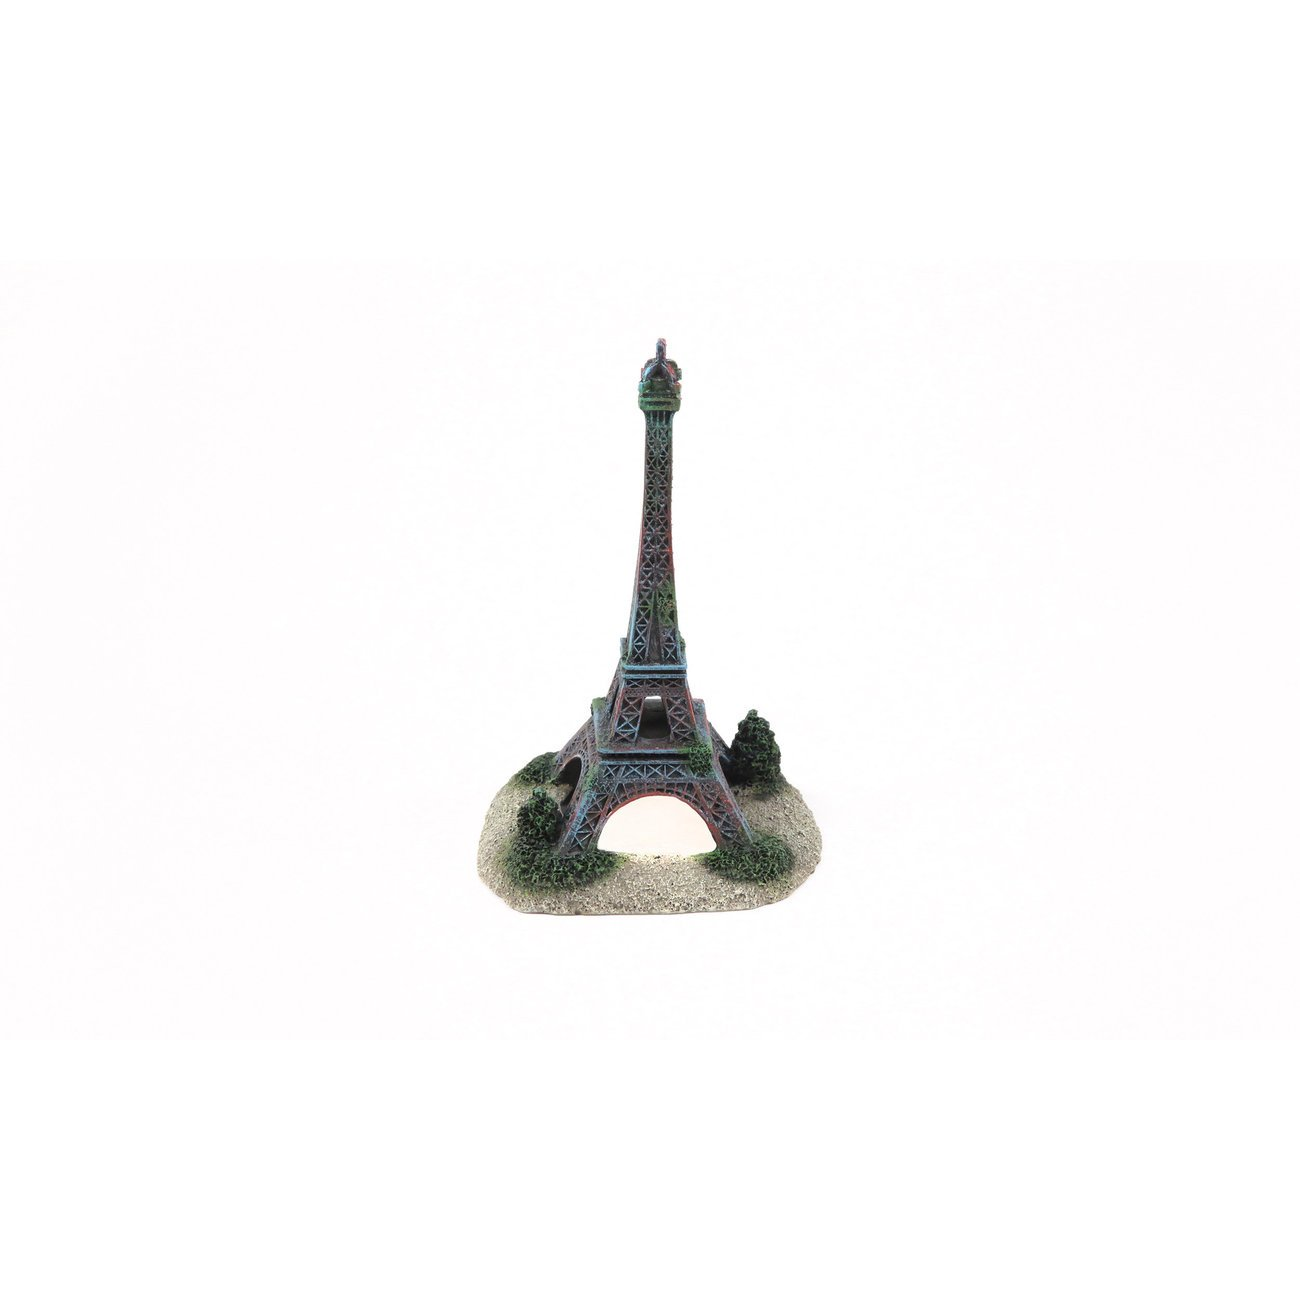 Aquatlantis Aqua Decor Eiffelturm Bild 1